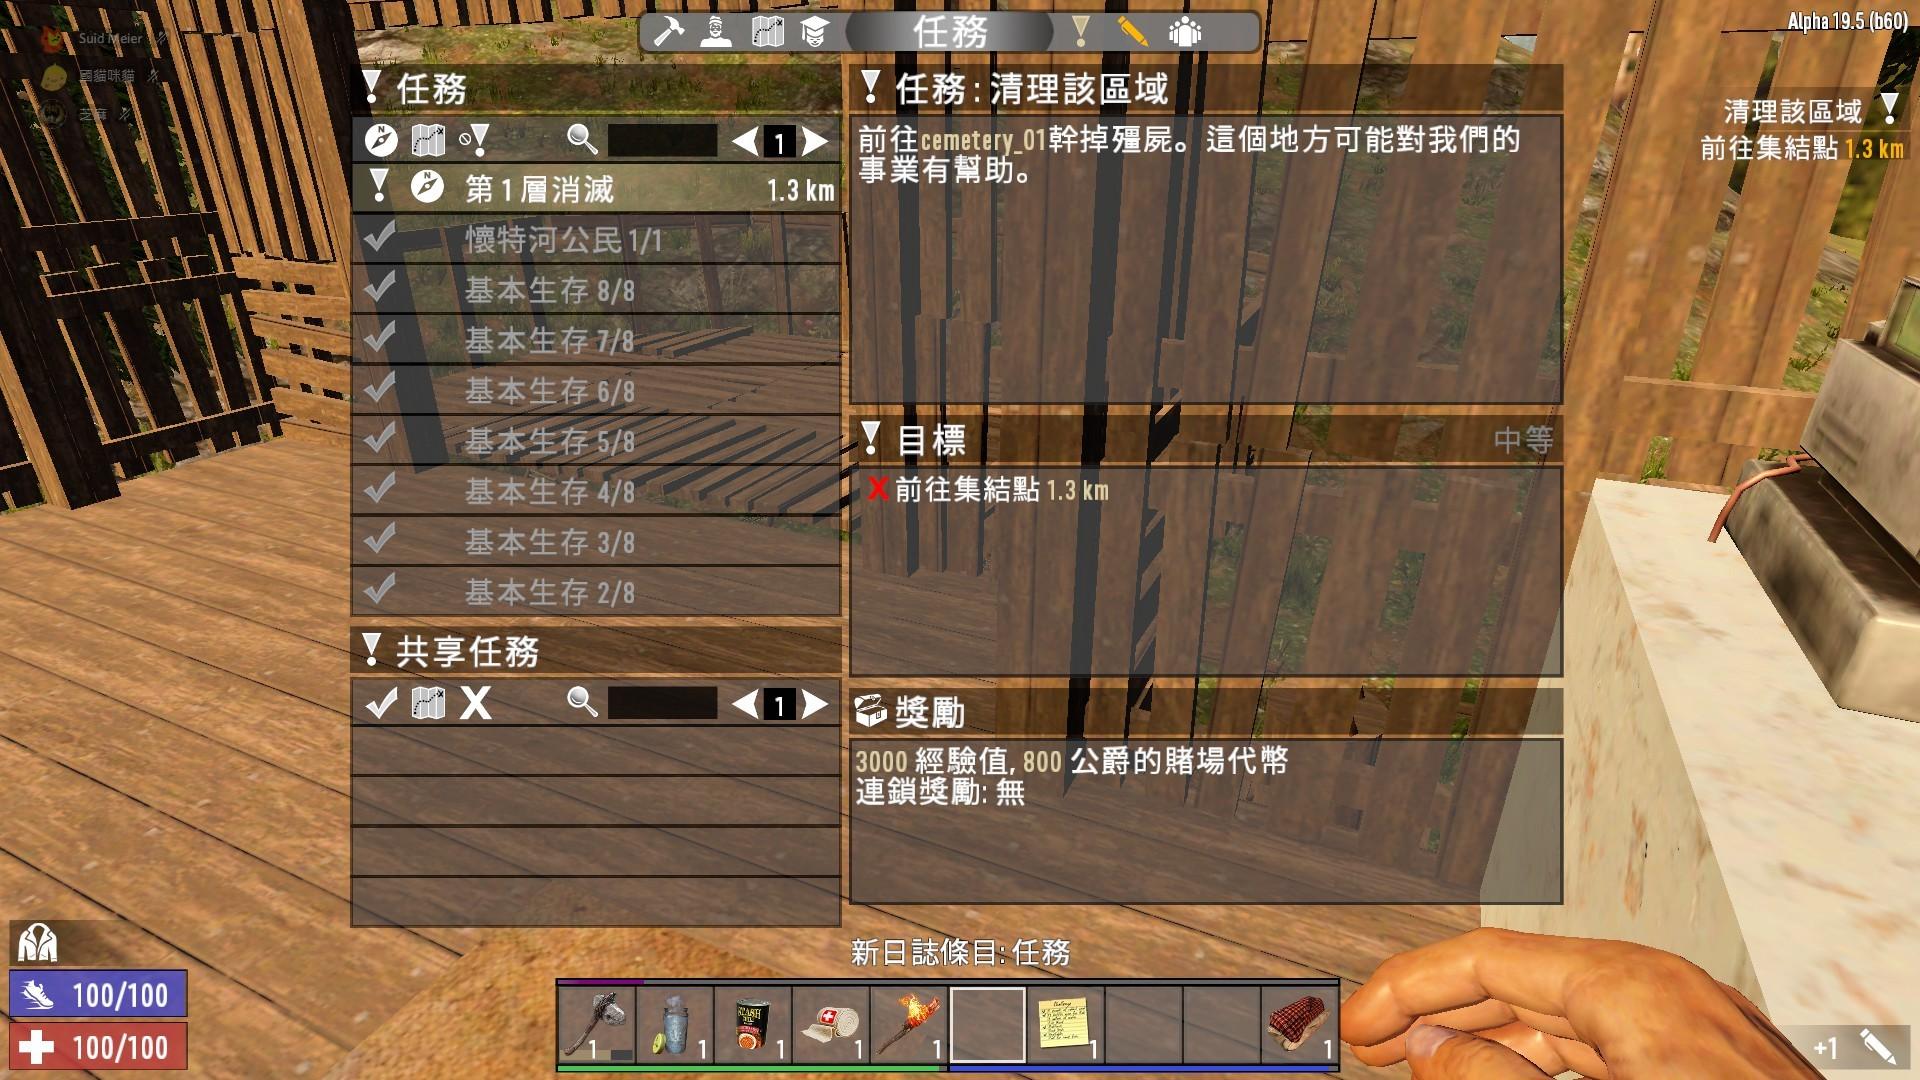 游戏《七日杀》在丧尸横行的末日废土中如何生存下去 (4)